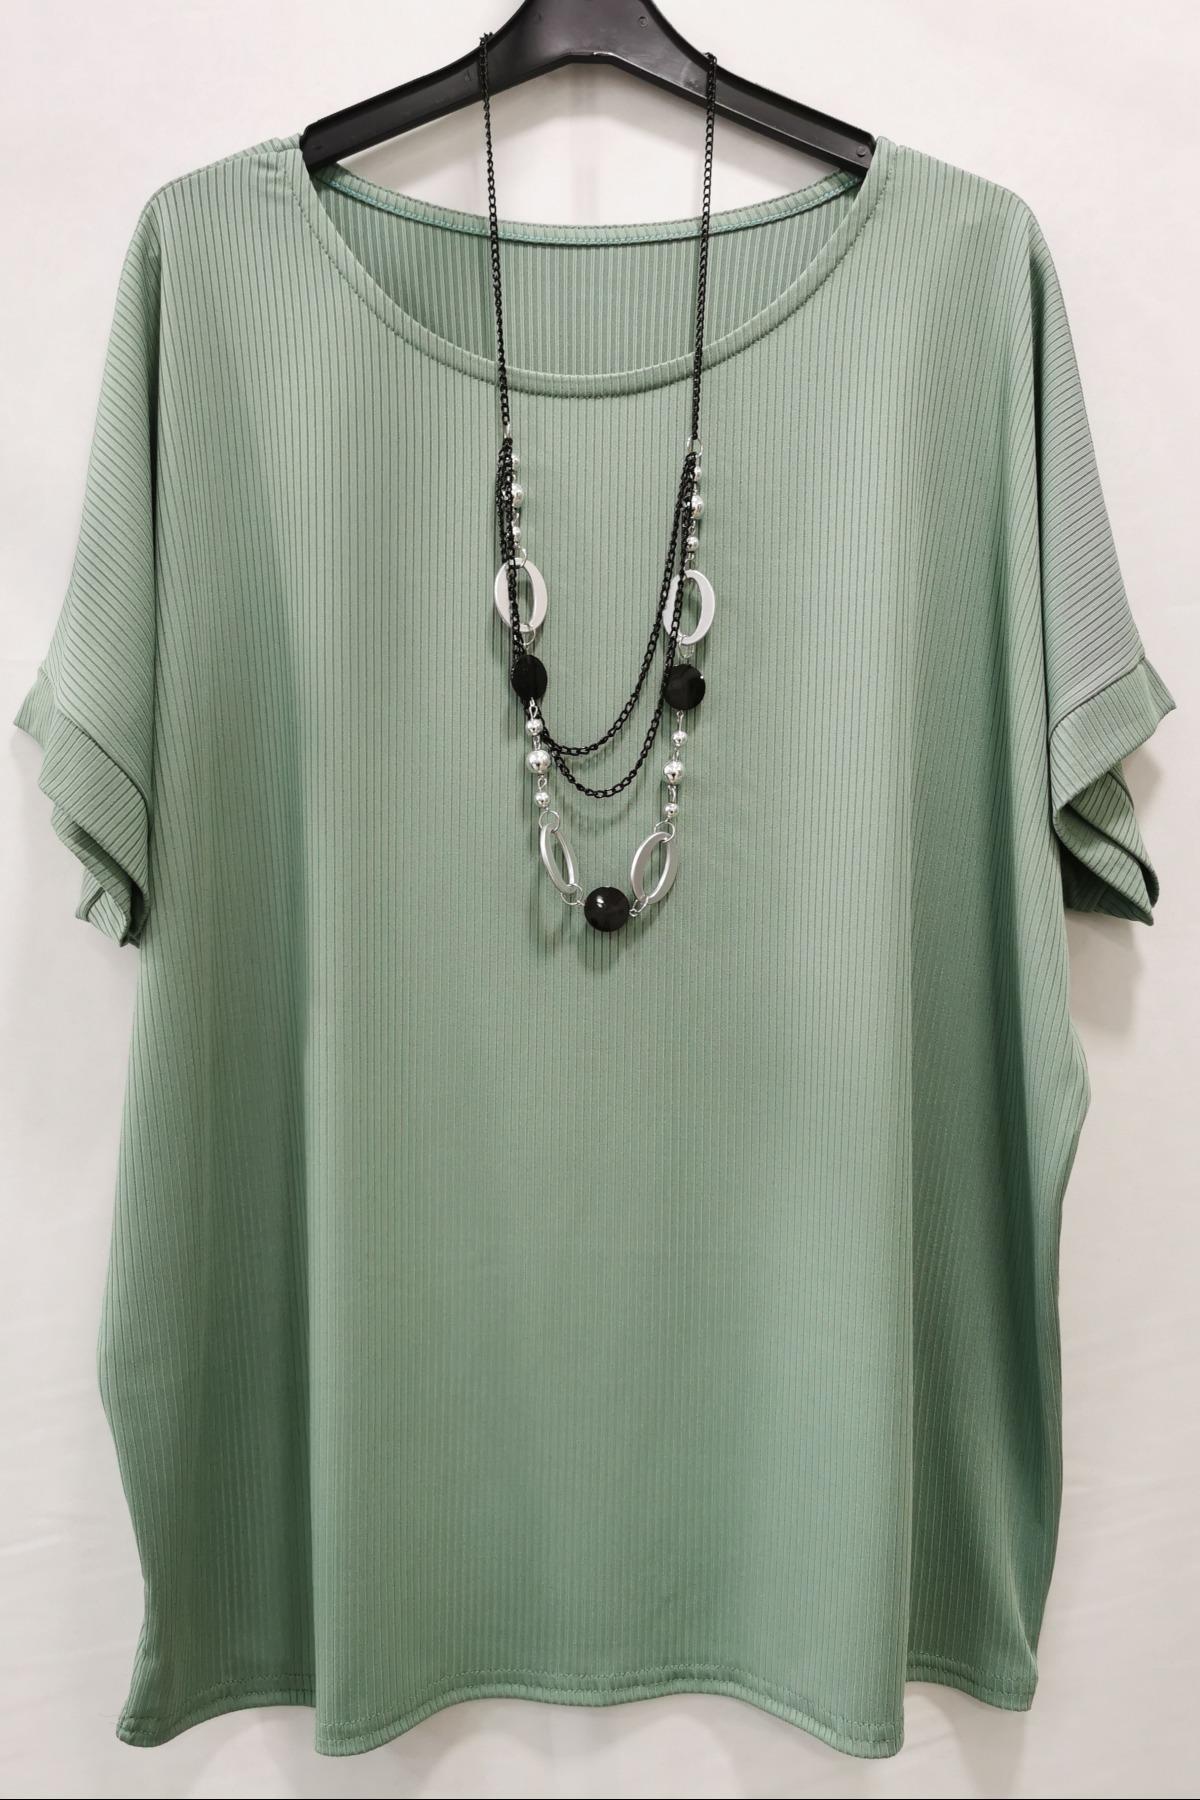 Blouses Femme Vert m s fashion 2101 #c Efashion Paris